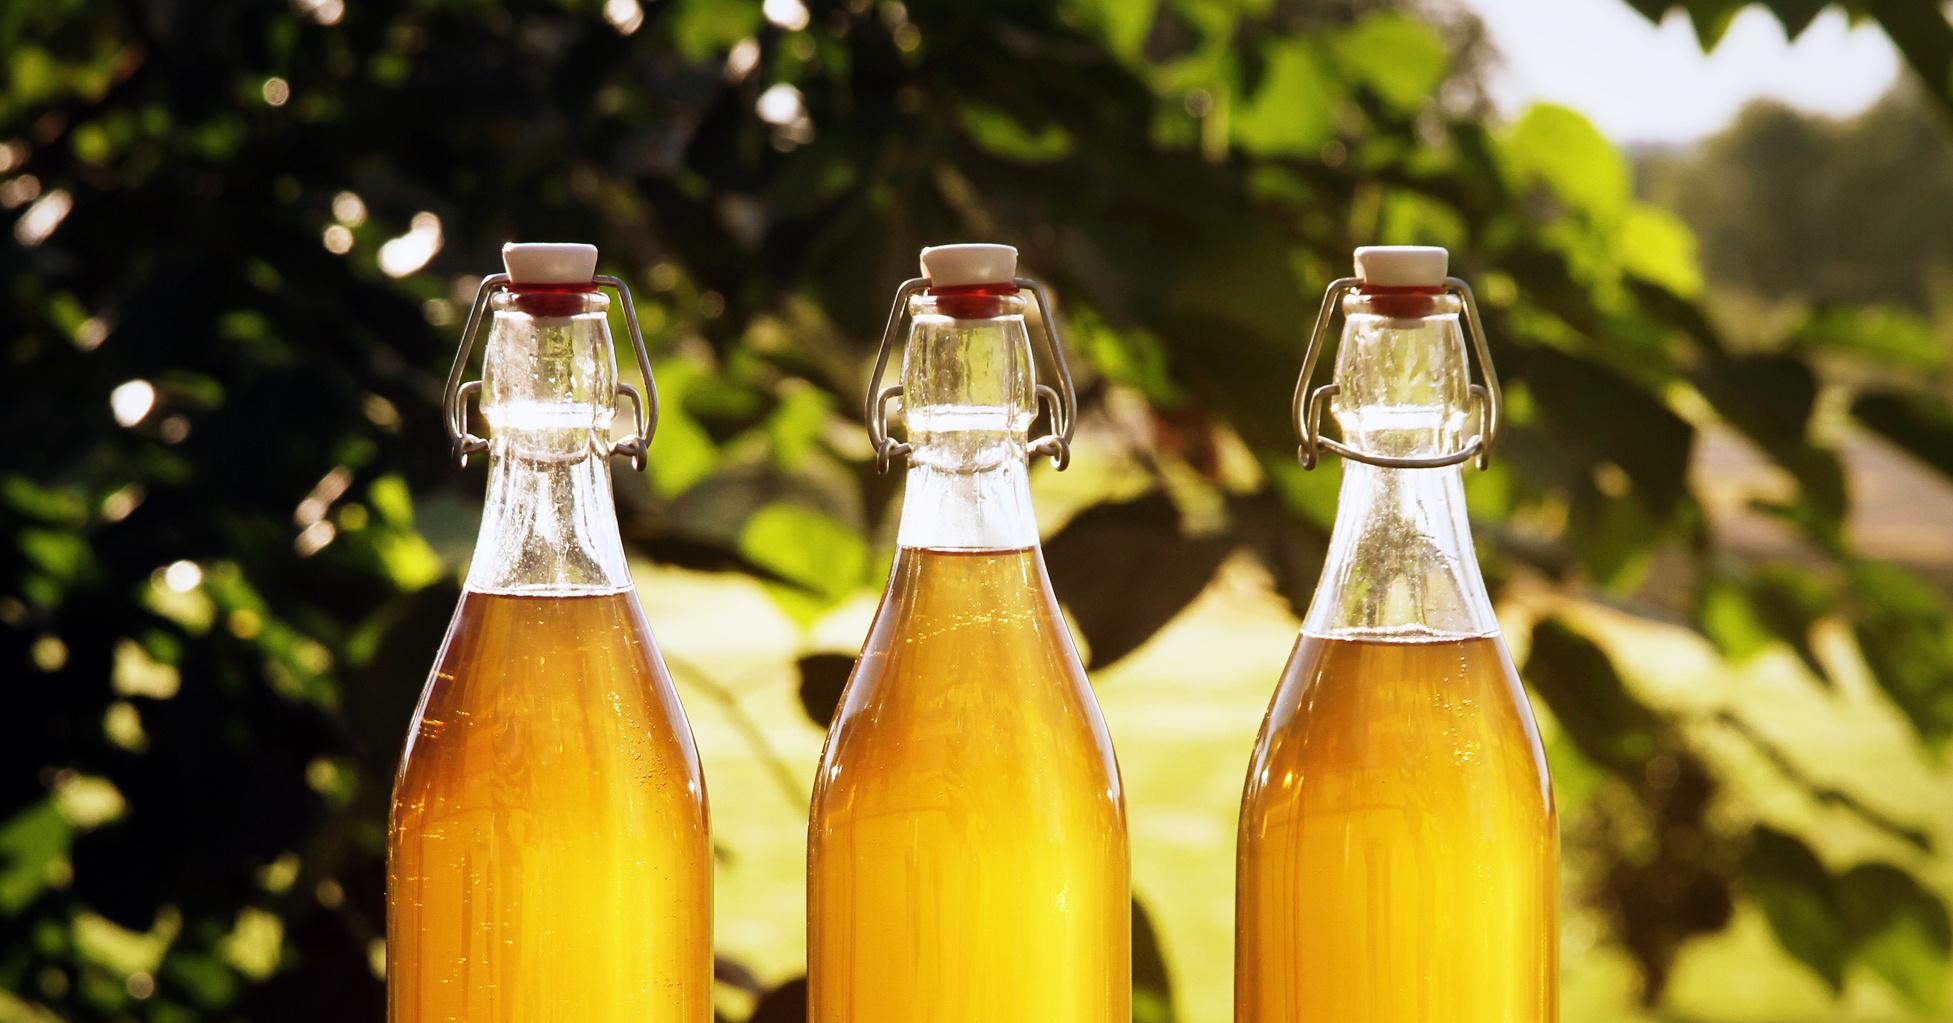 Как из меда сделать спирт